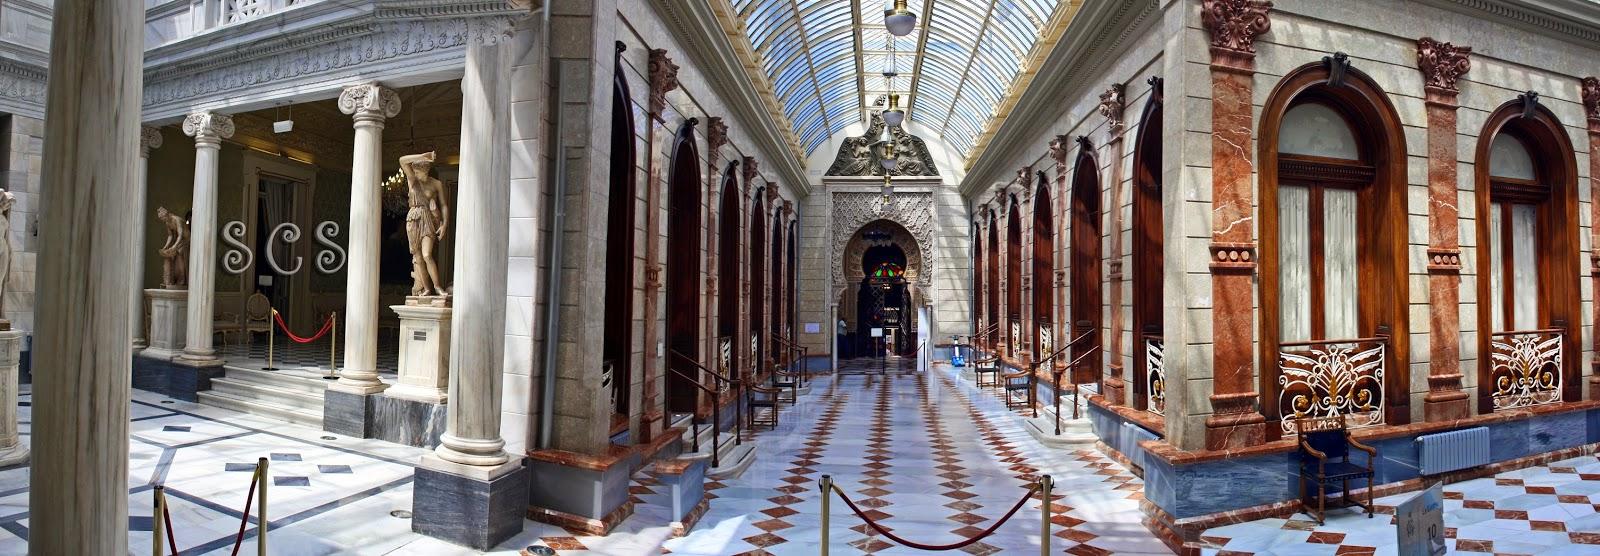 Galería Central en el Real Casino de Murcia